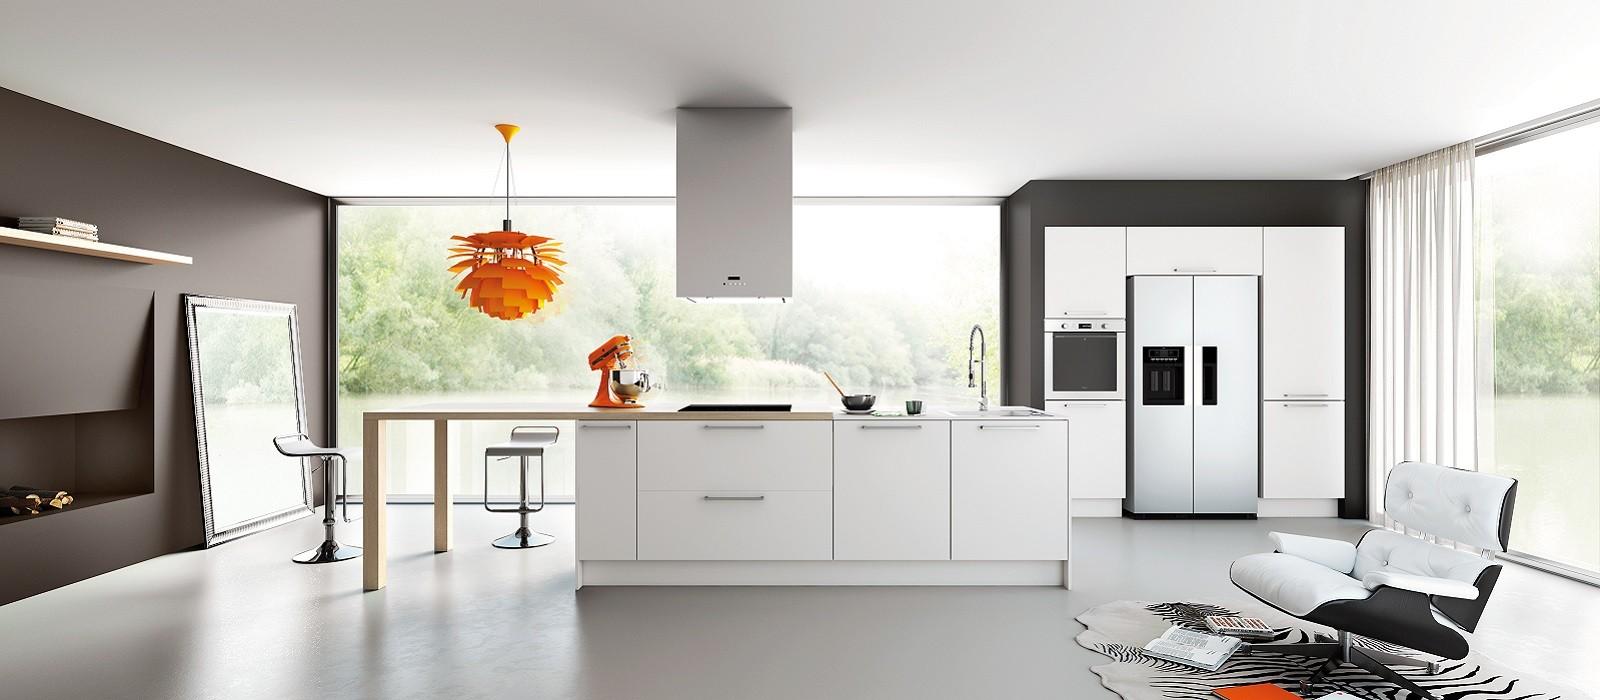 Modèle cuisine équipée contemporaine - Atwebster.fr - Maison et mobilier